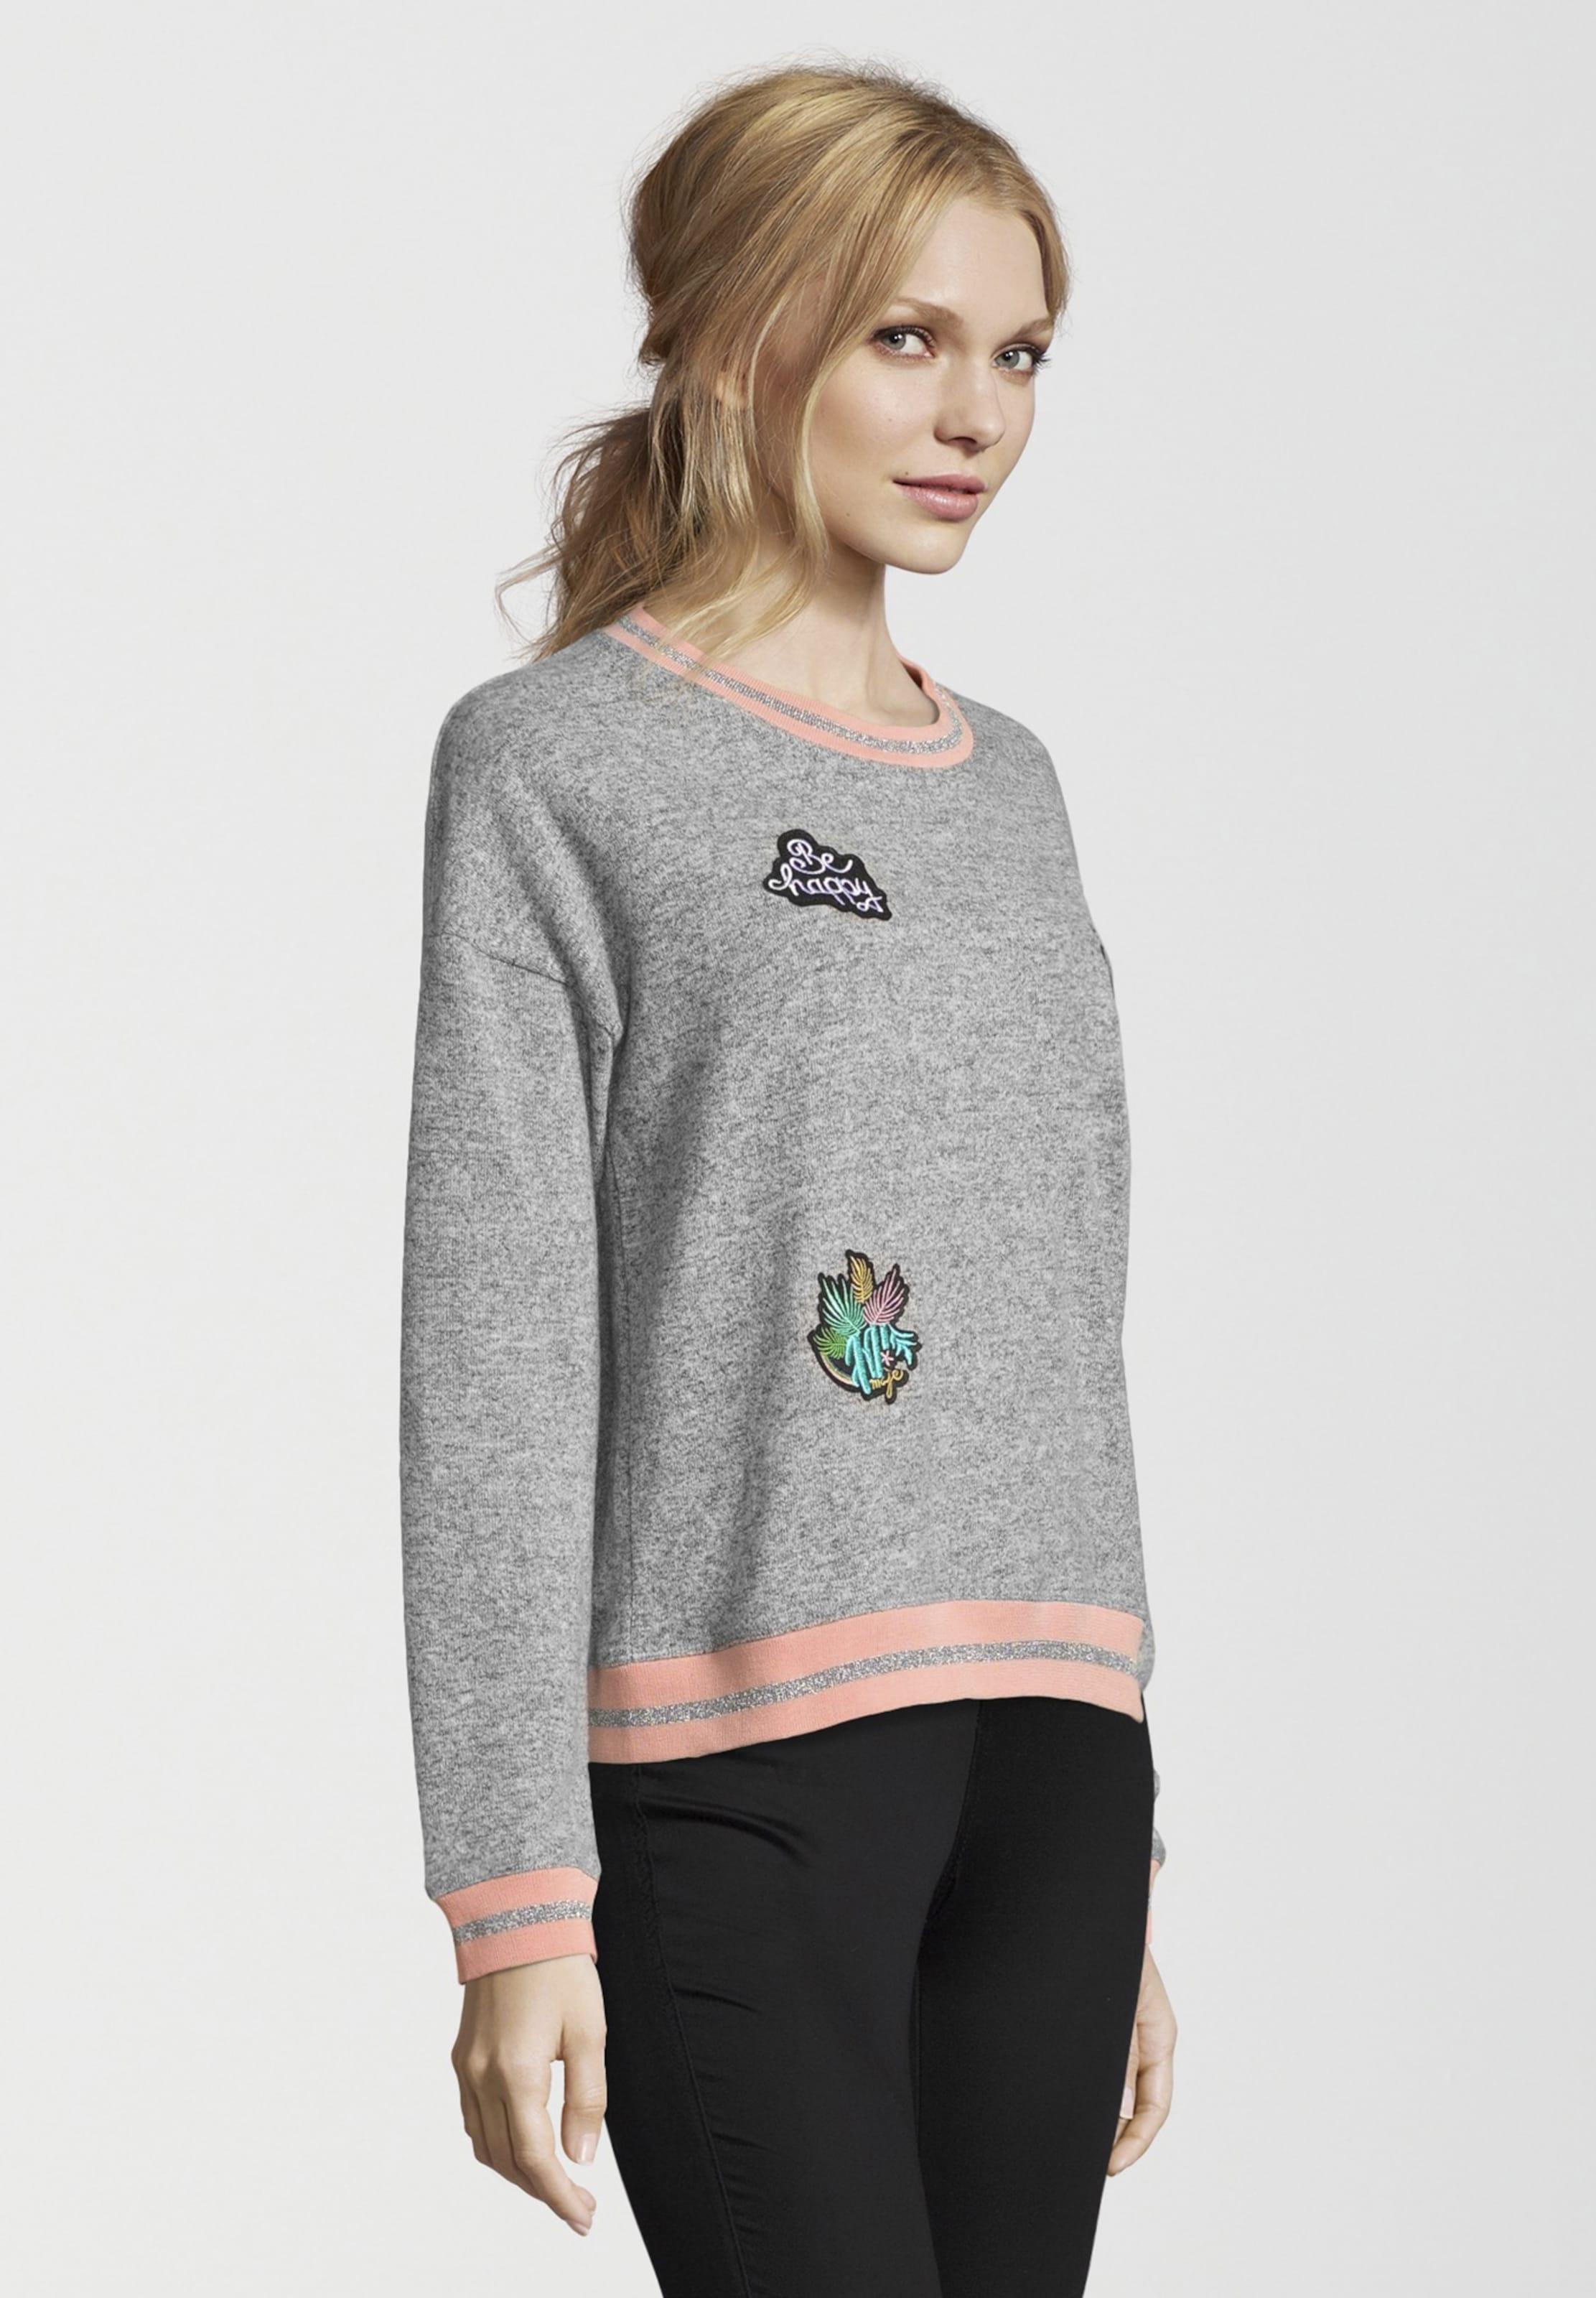 Kontrastreichen Mit Aufnähern Sweatshirt Frogbox Grau In Aq5LR34j